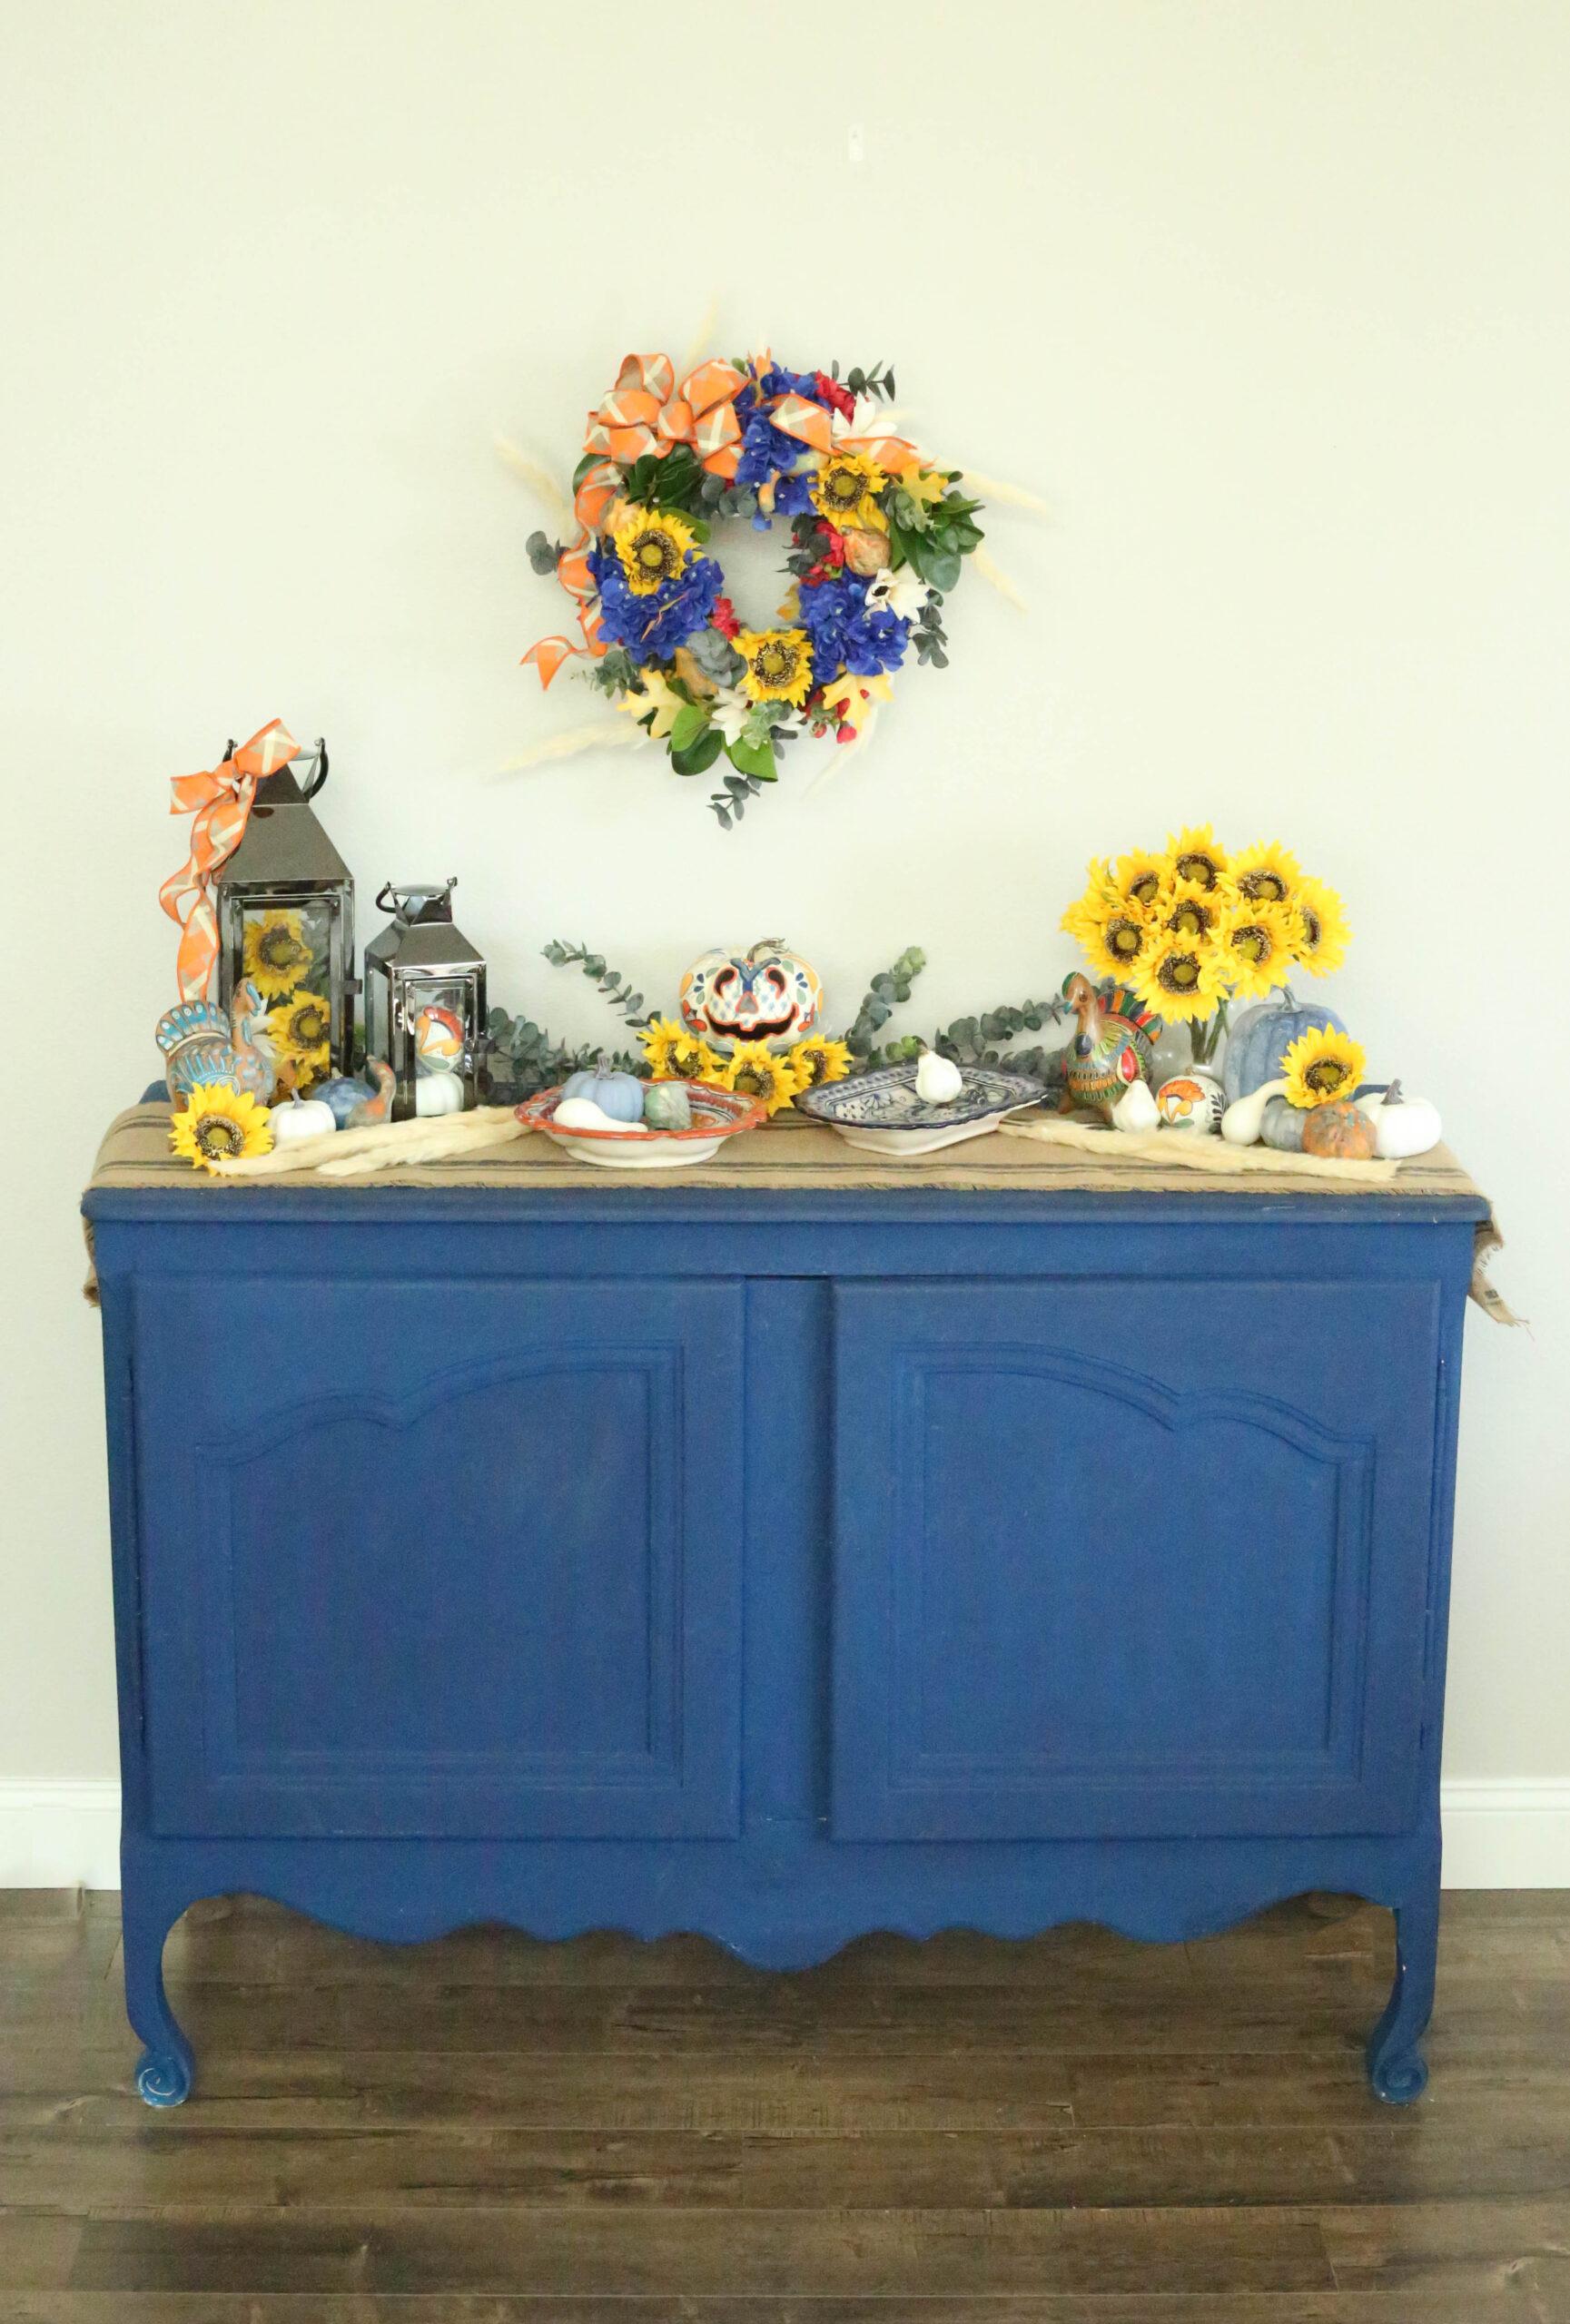 cobalt blue buffet with thanksgiving decor